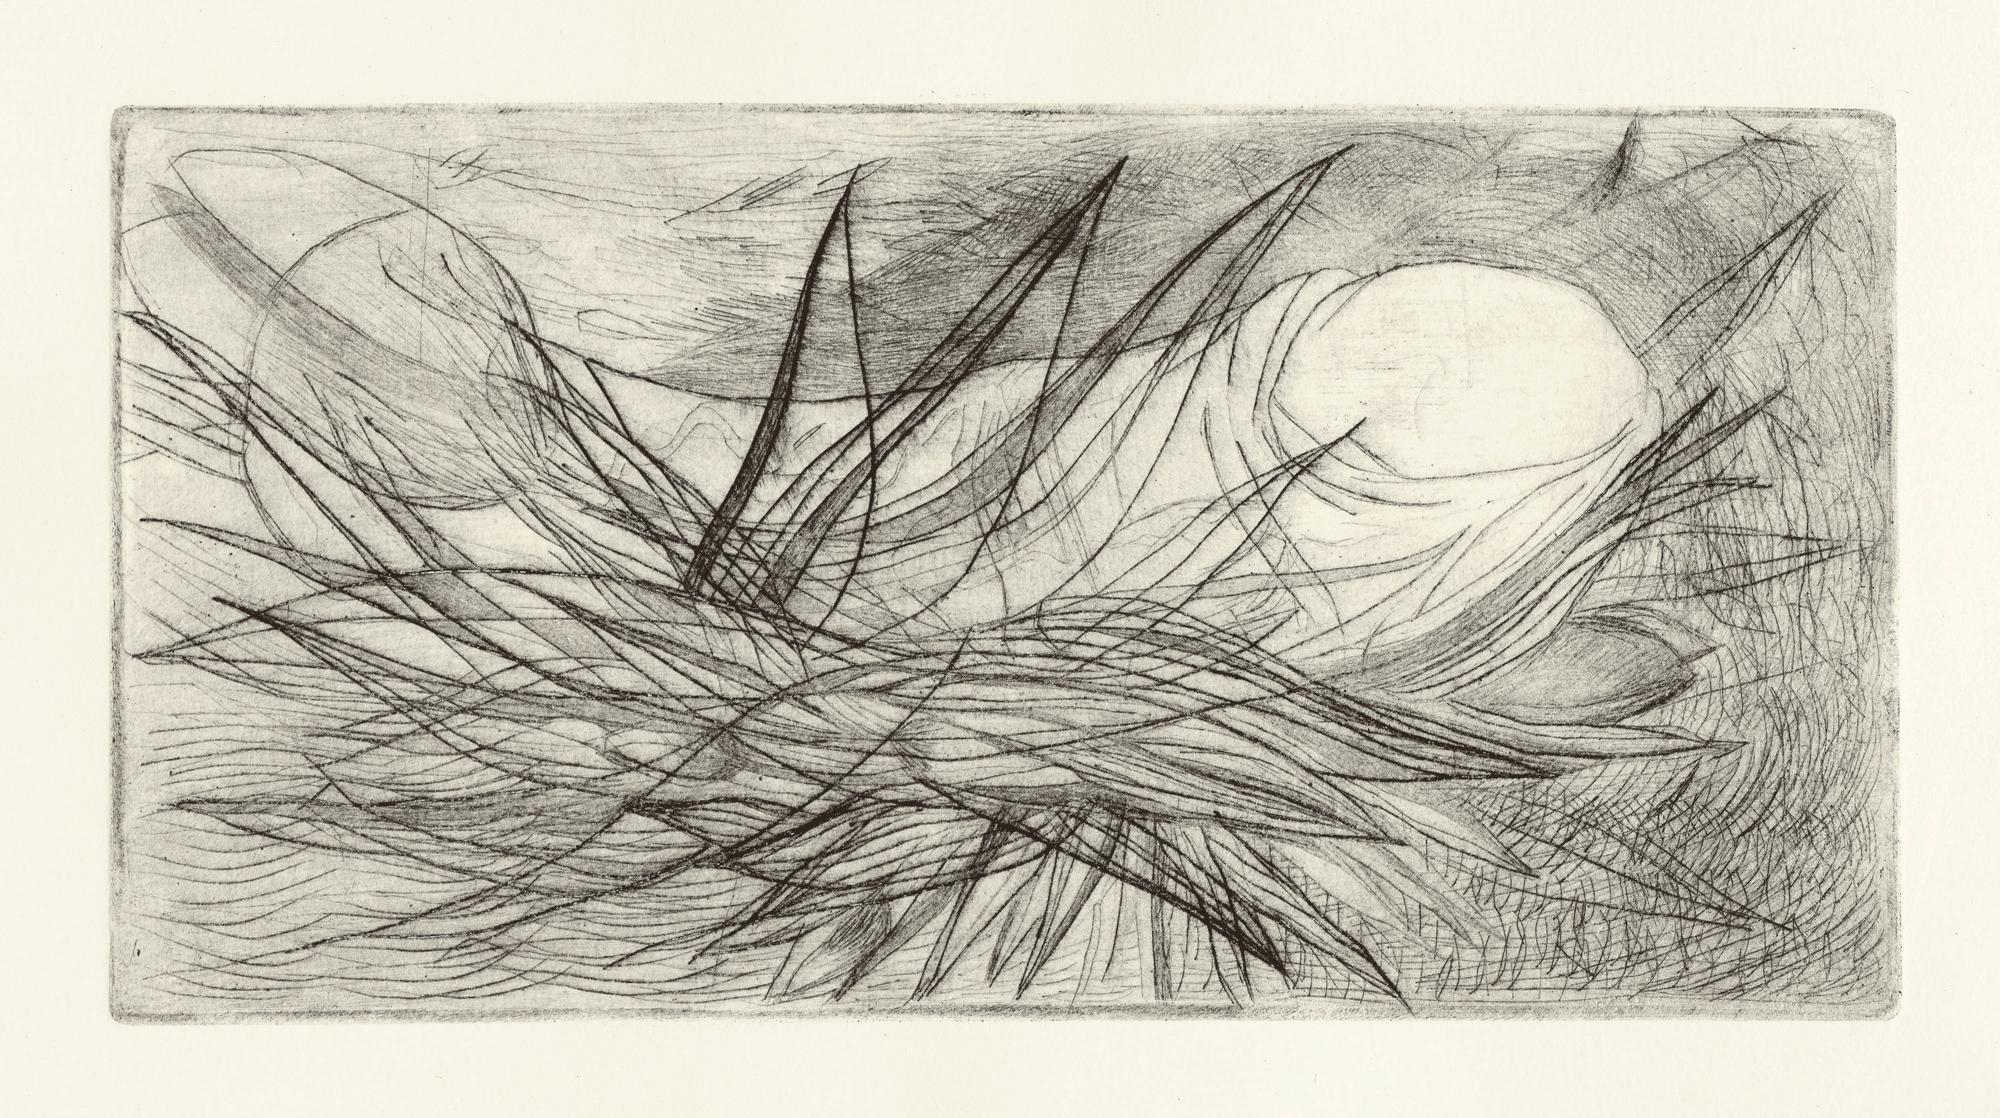 Yvonne Andreini, Stillleben, 2021 25 x 40 cm, Kaltnadelradierung